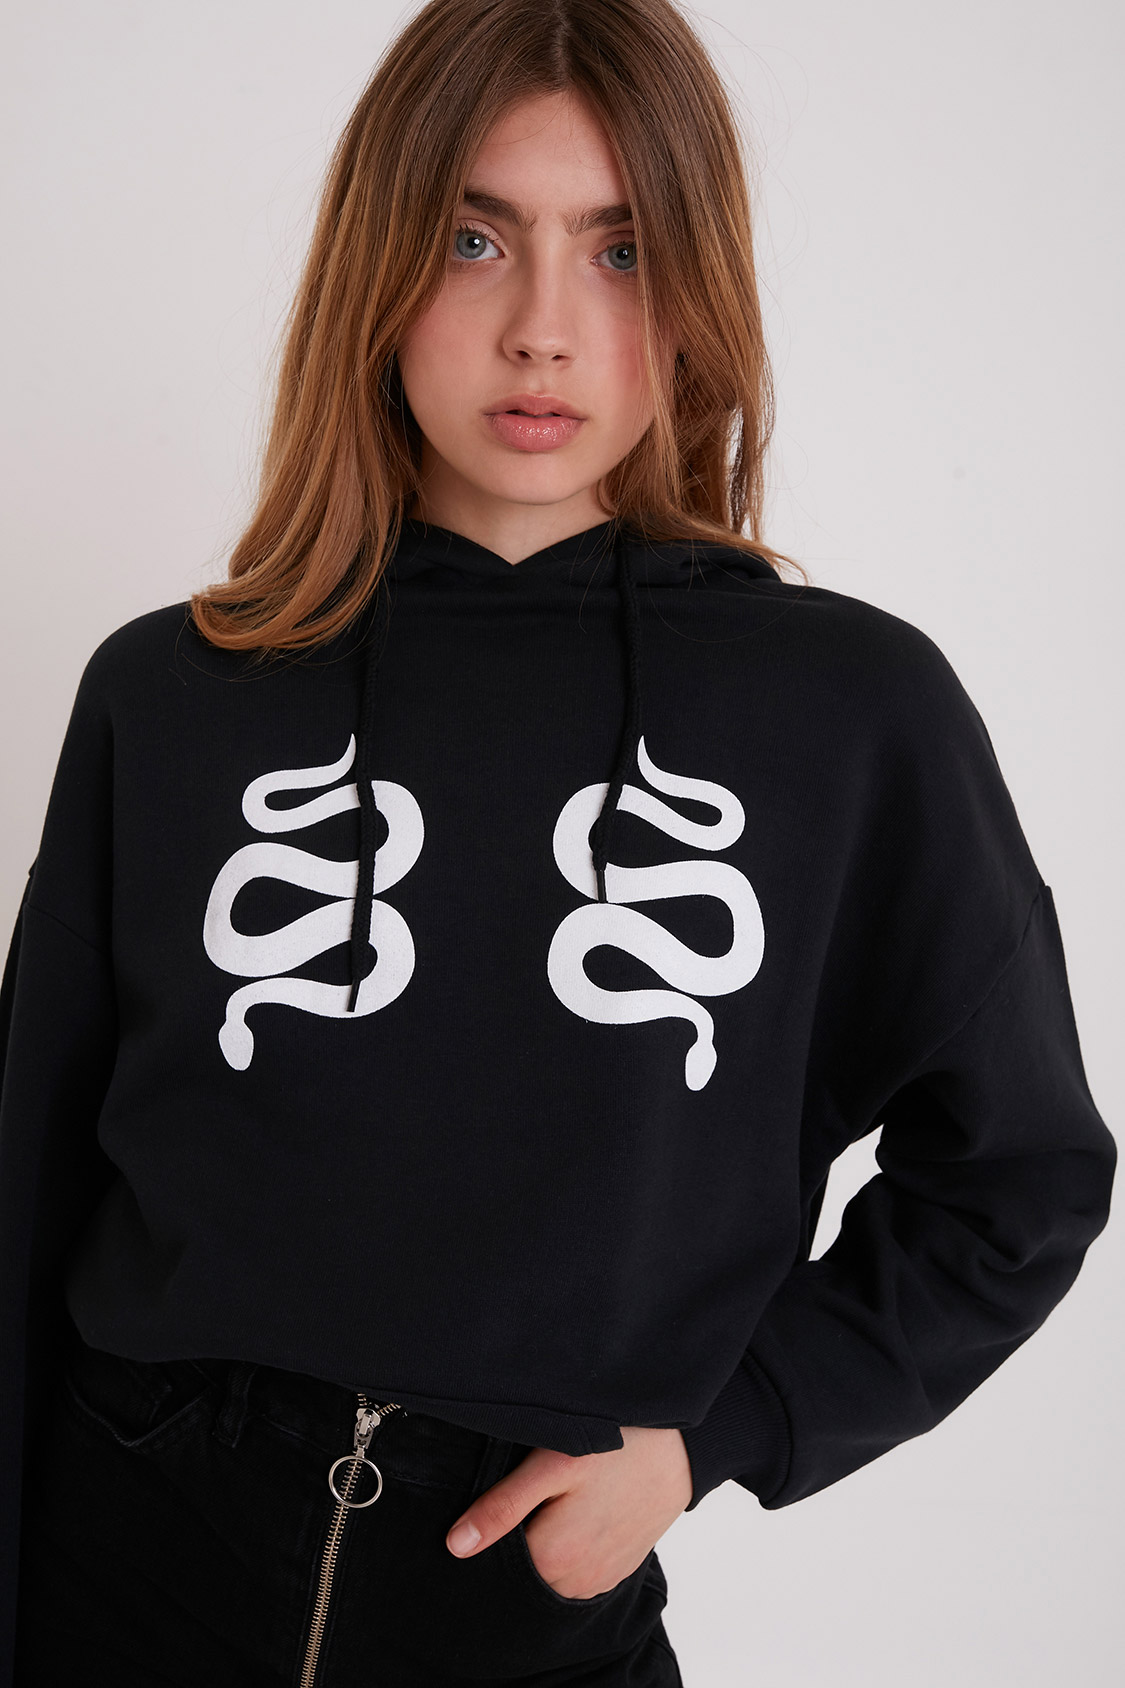 Snakes printed hoodie